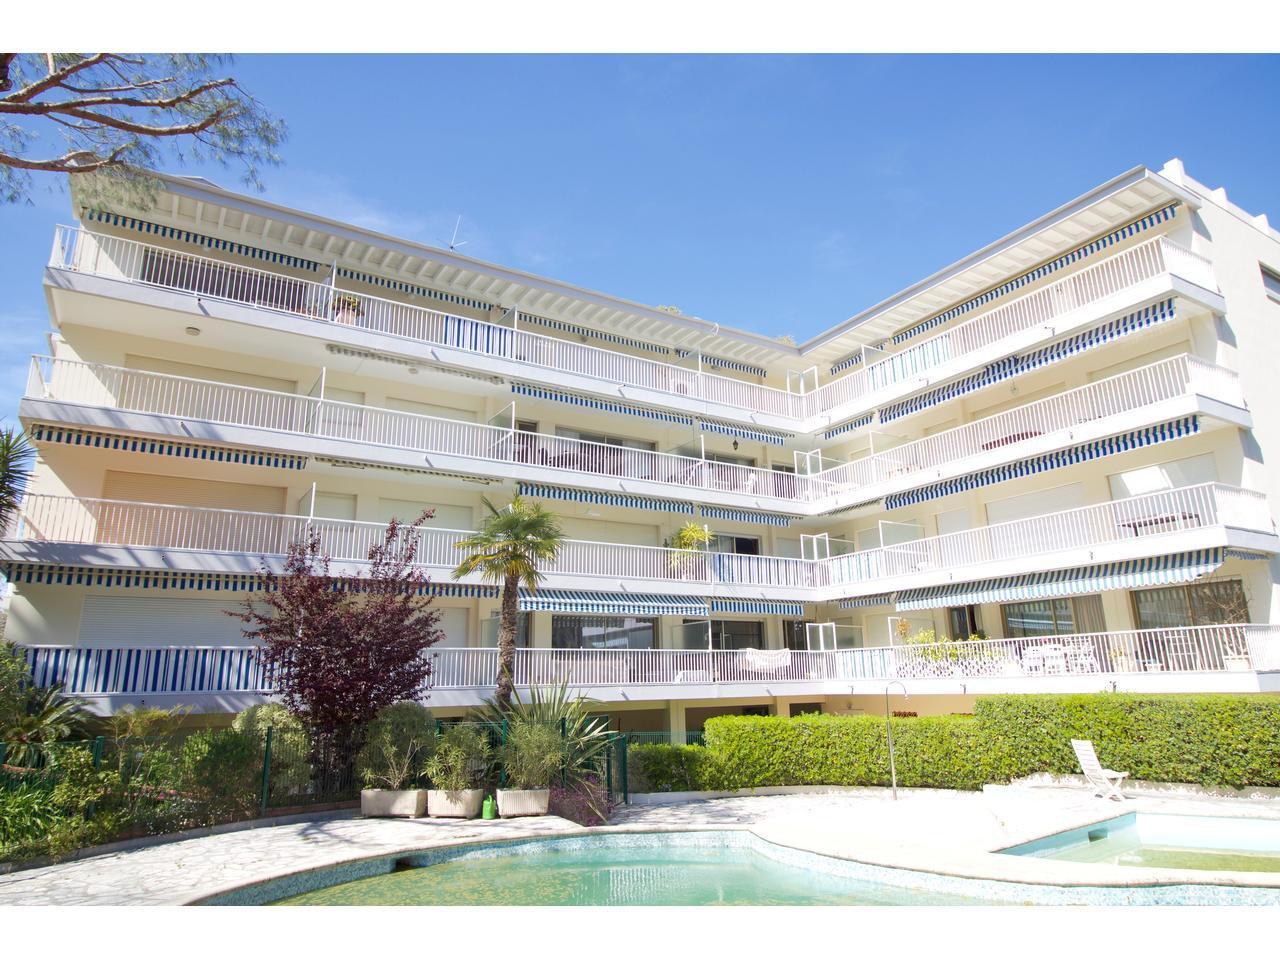 Apartement 75 s.q.m Cap d'Antibes